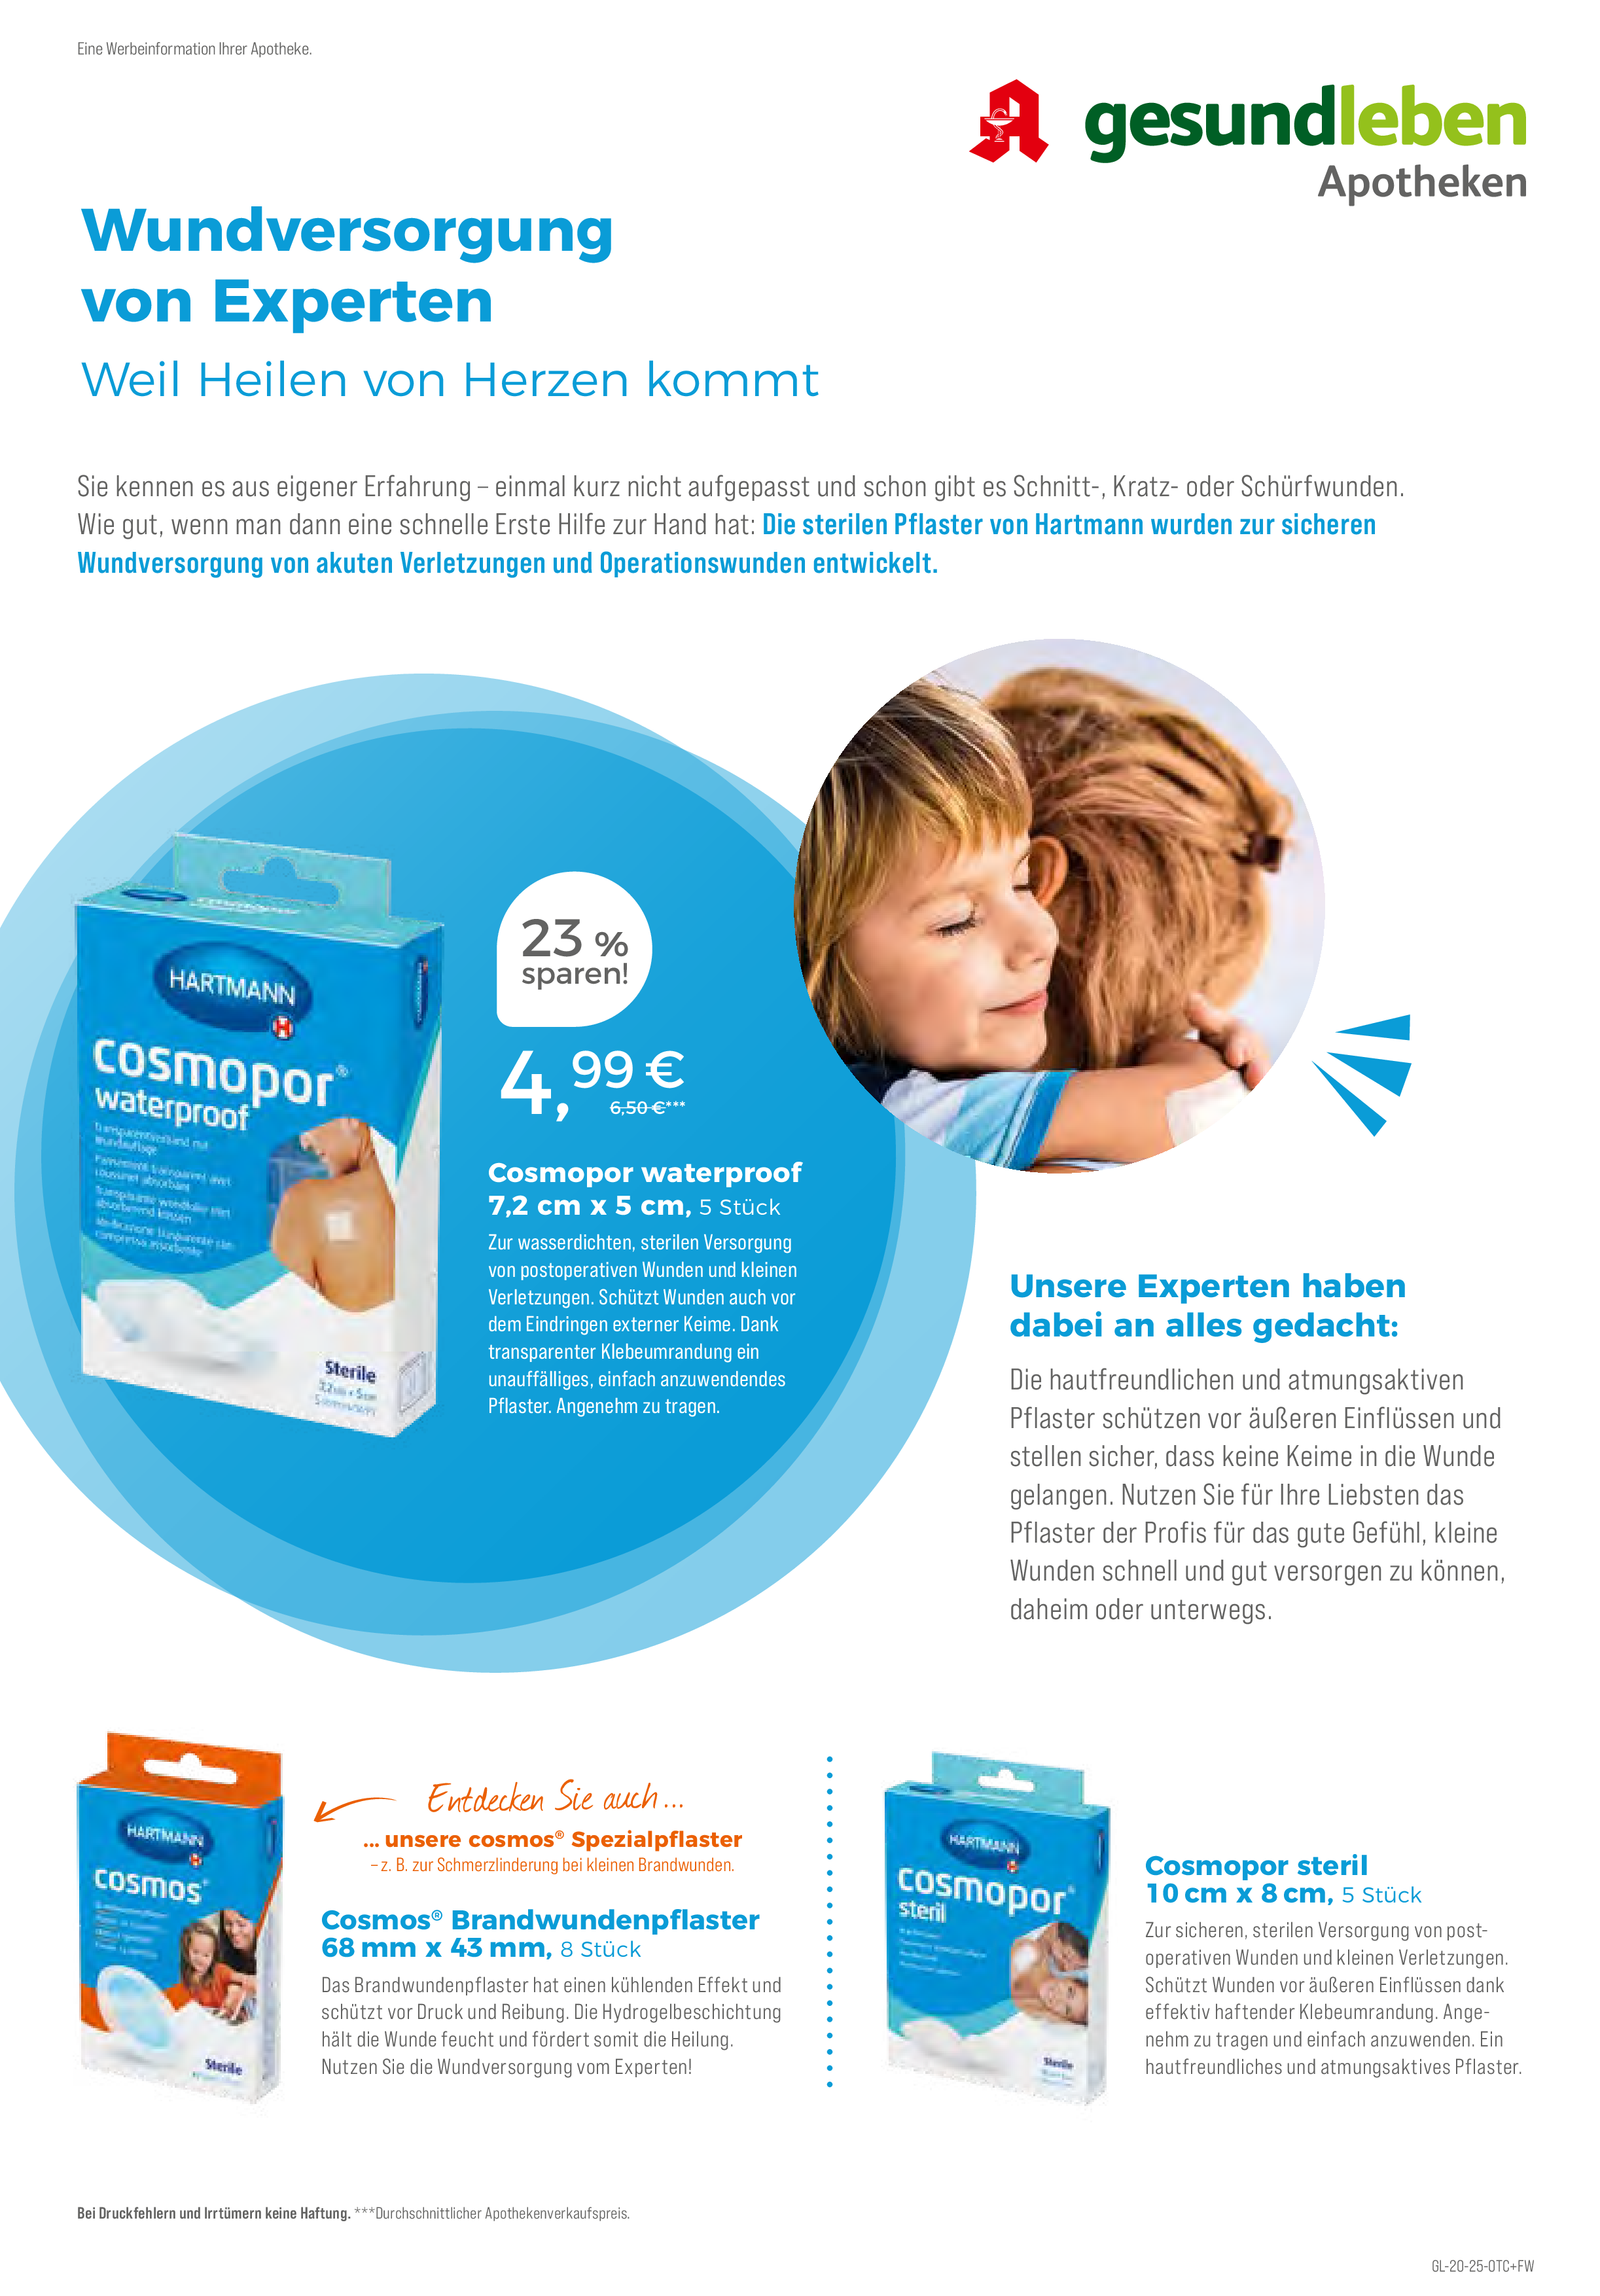 https://mein-uploads.apocdn.net/12405/leaflets/gesundleben_mittel-Seite5.png